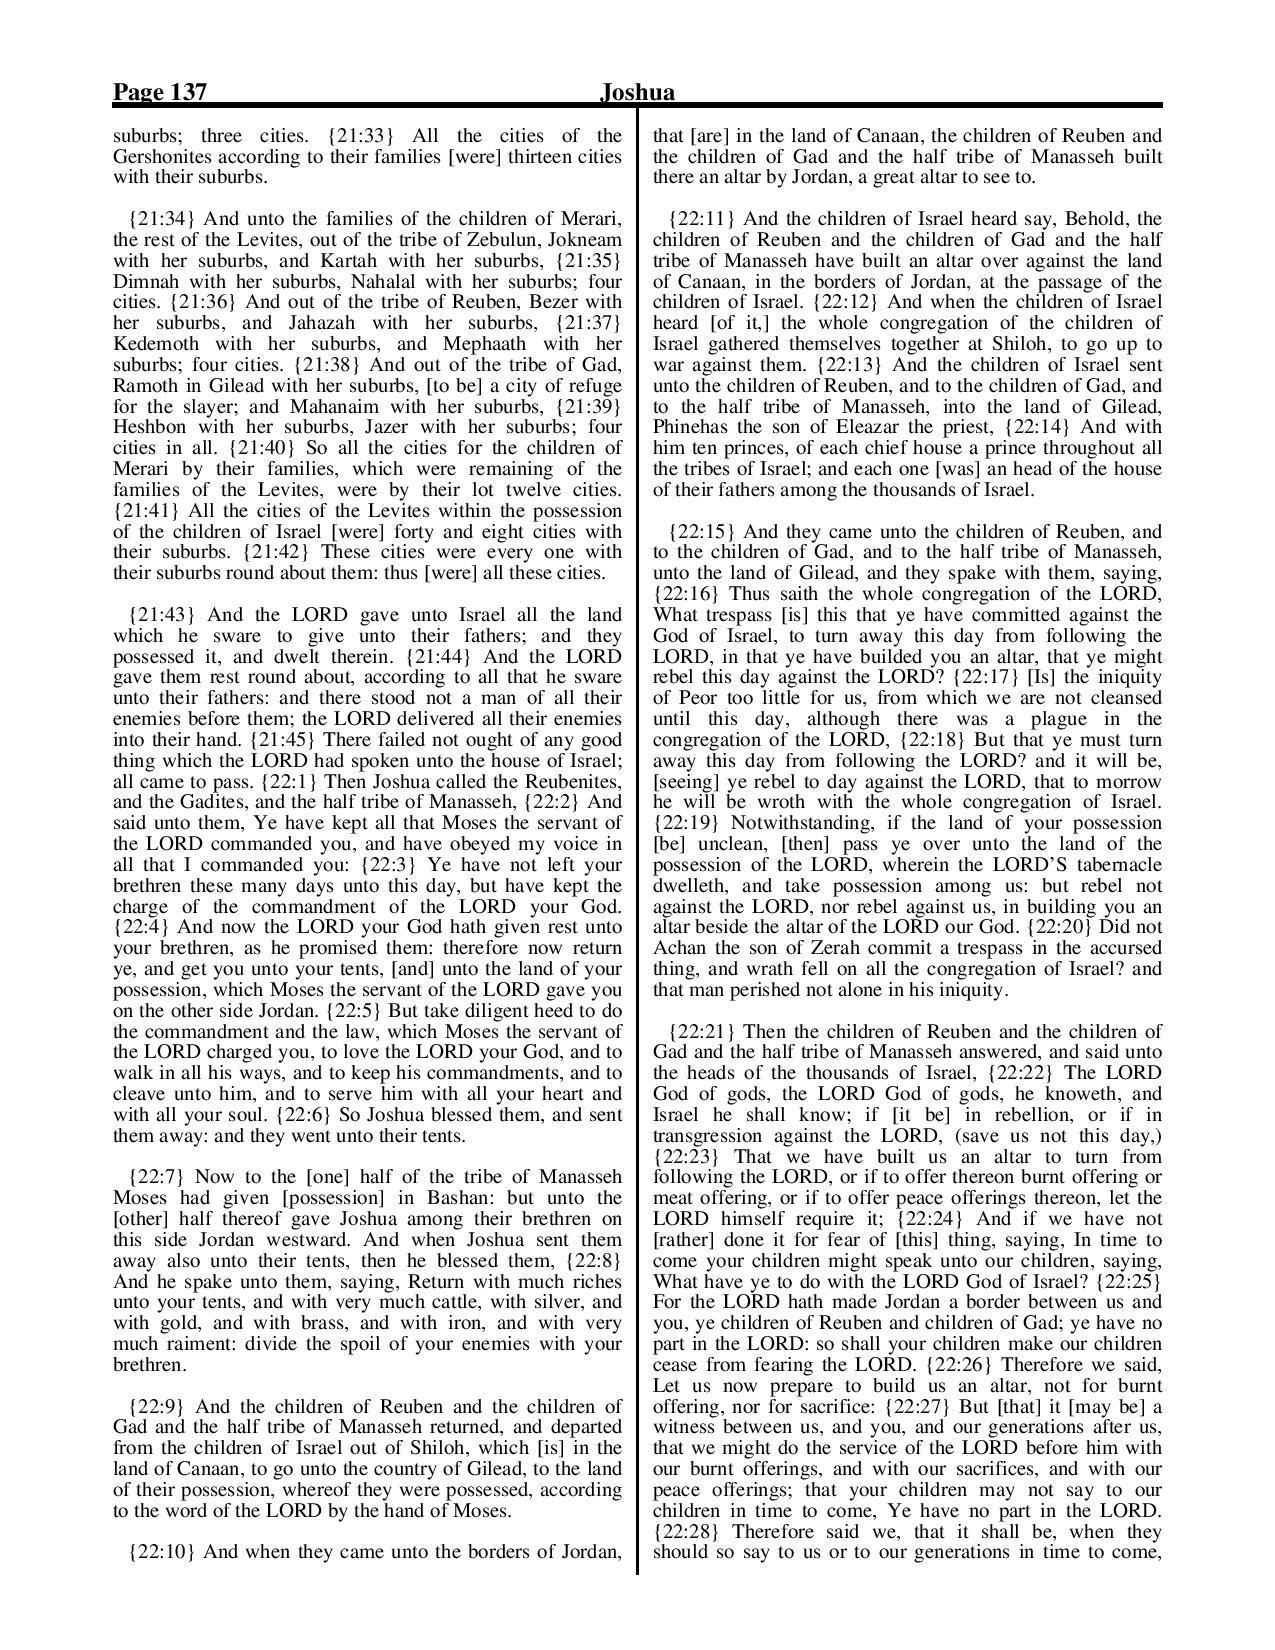 King-James-Bible-KJV-Bible-PDF-page-158